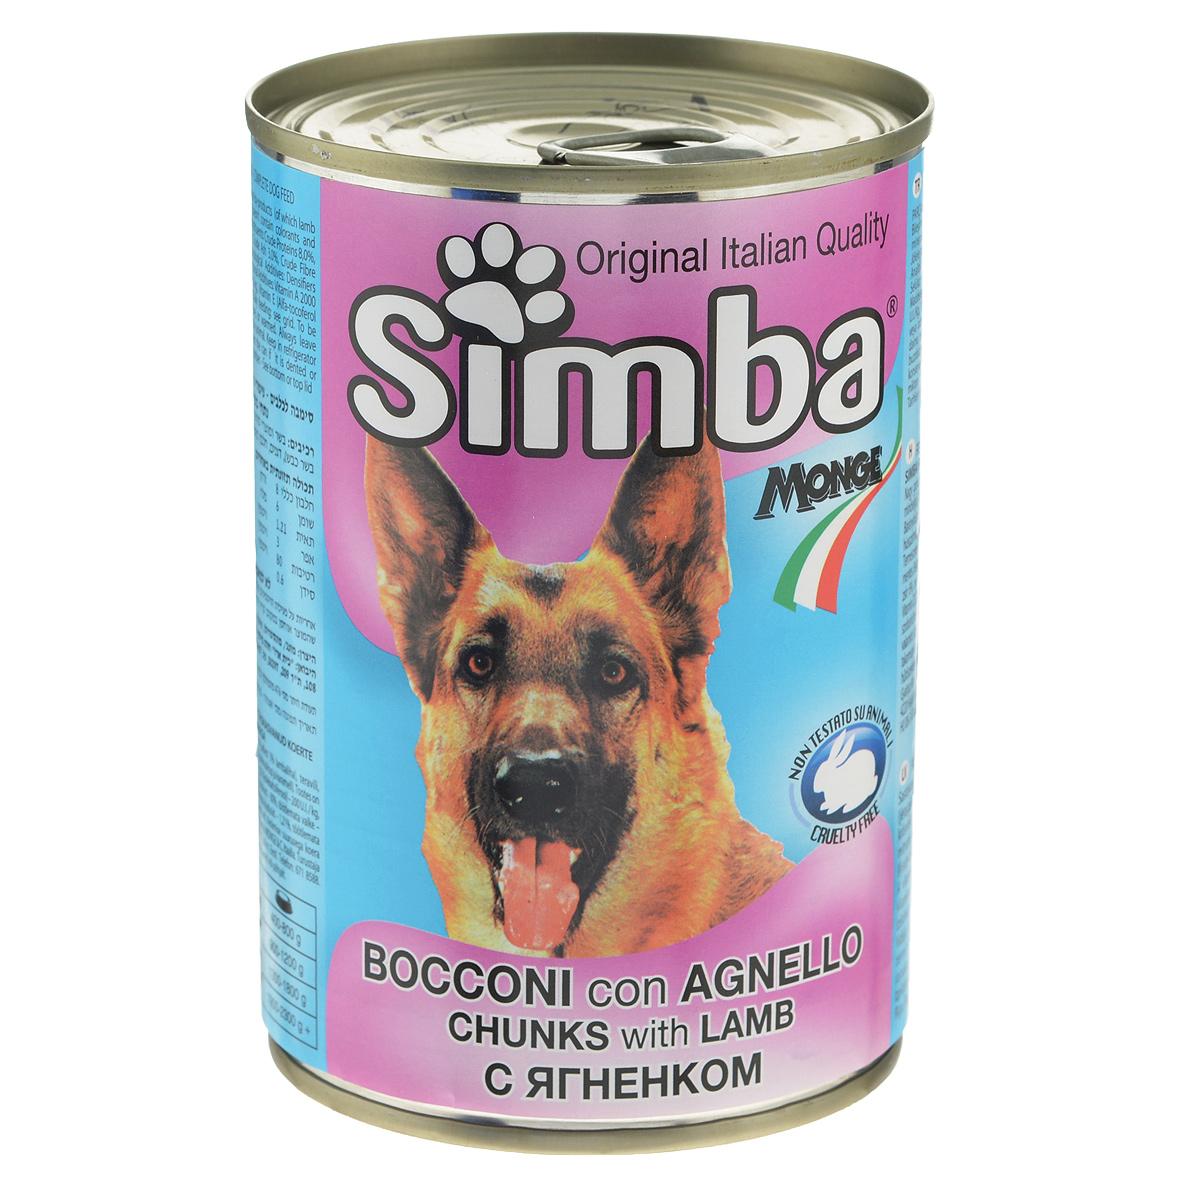 Консервы для собак Monge Simba, кусочки с ягненком, 415 г70009164Консервы для собак Monge Simba - это полноценный сбалансированный корм для собак. Кусочки с ягненком в соусе. Ежедневная норма для собаки среднего размера - 800 г. Состав: мясо и мясные субпродукты (мясо ягненка не менее 5%), злаки, минеральные вещества, витамины, натуральные красители и вкусовые добавки. Анализ компонентов: протеин 8%, жир 6%, клетчатка 1,21%, зола 3%, влажность 80%. Витамины и добавки на 1 кг: витамин А 2000 МЕ, витамин D3 200 МЕ, витамин Е 5 мг. Товар сертифицирован.